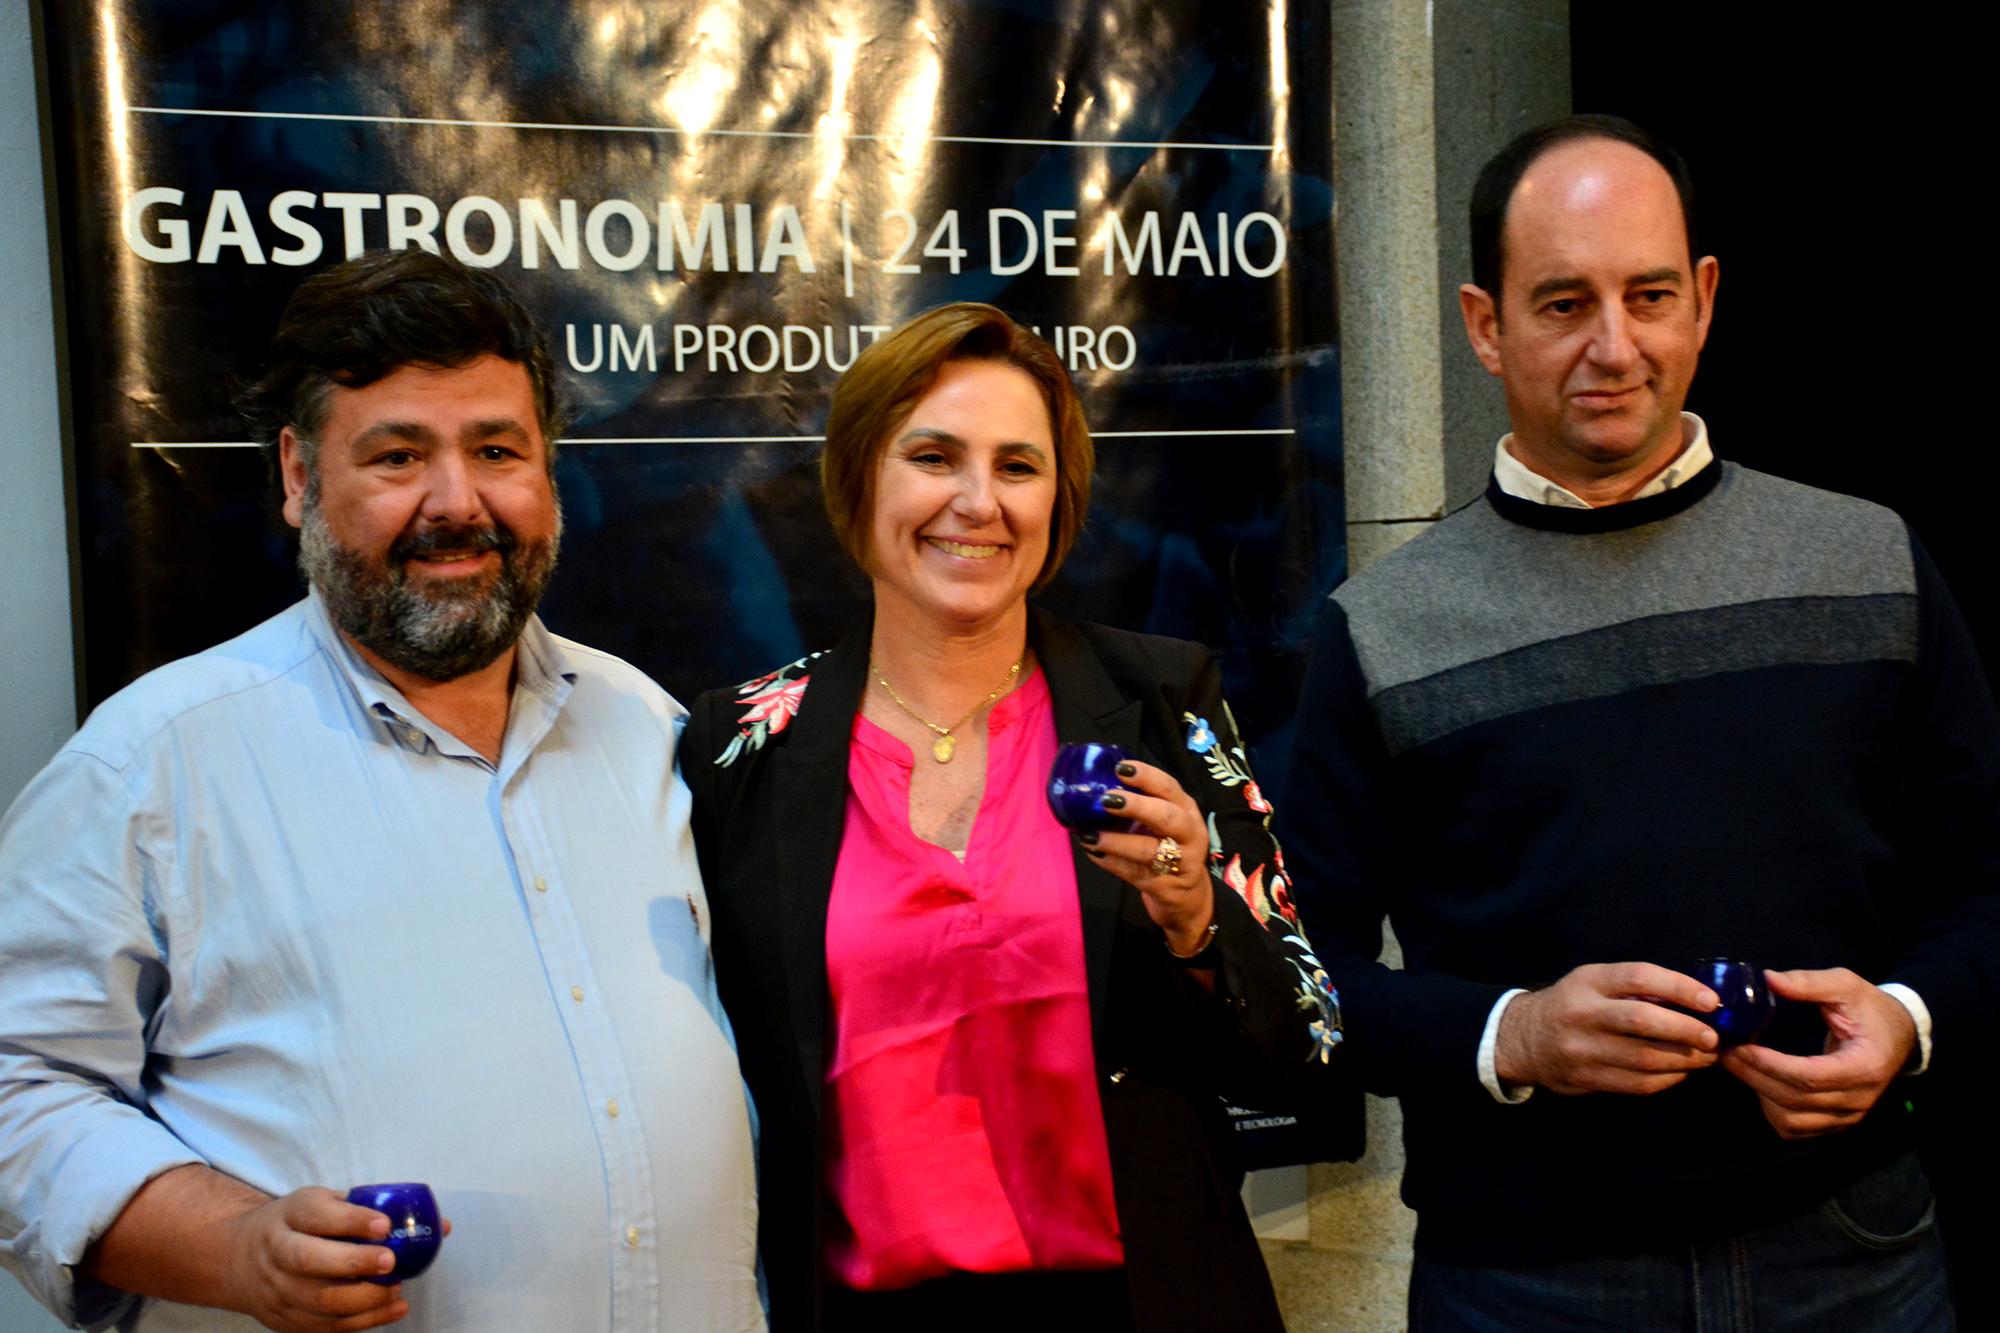 Francisco Pavão, Patricia Galasini e Edgardo Pacheco no Douro TGV